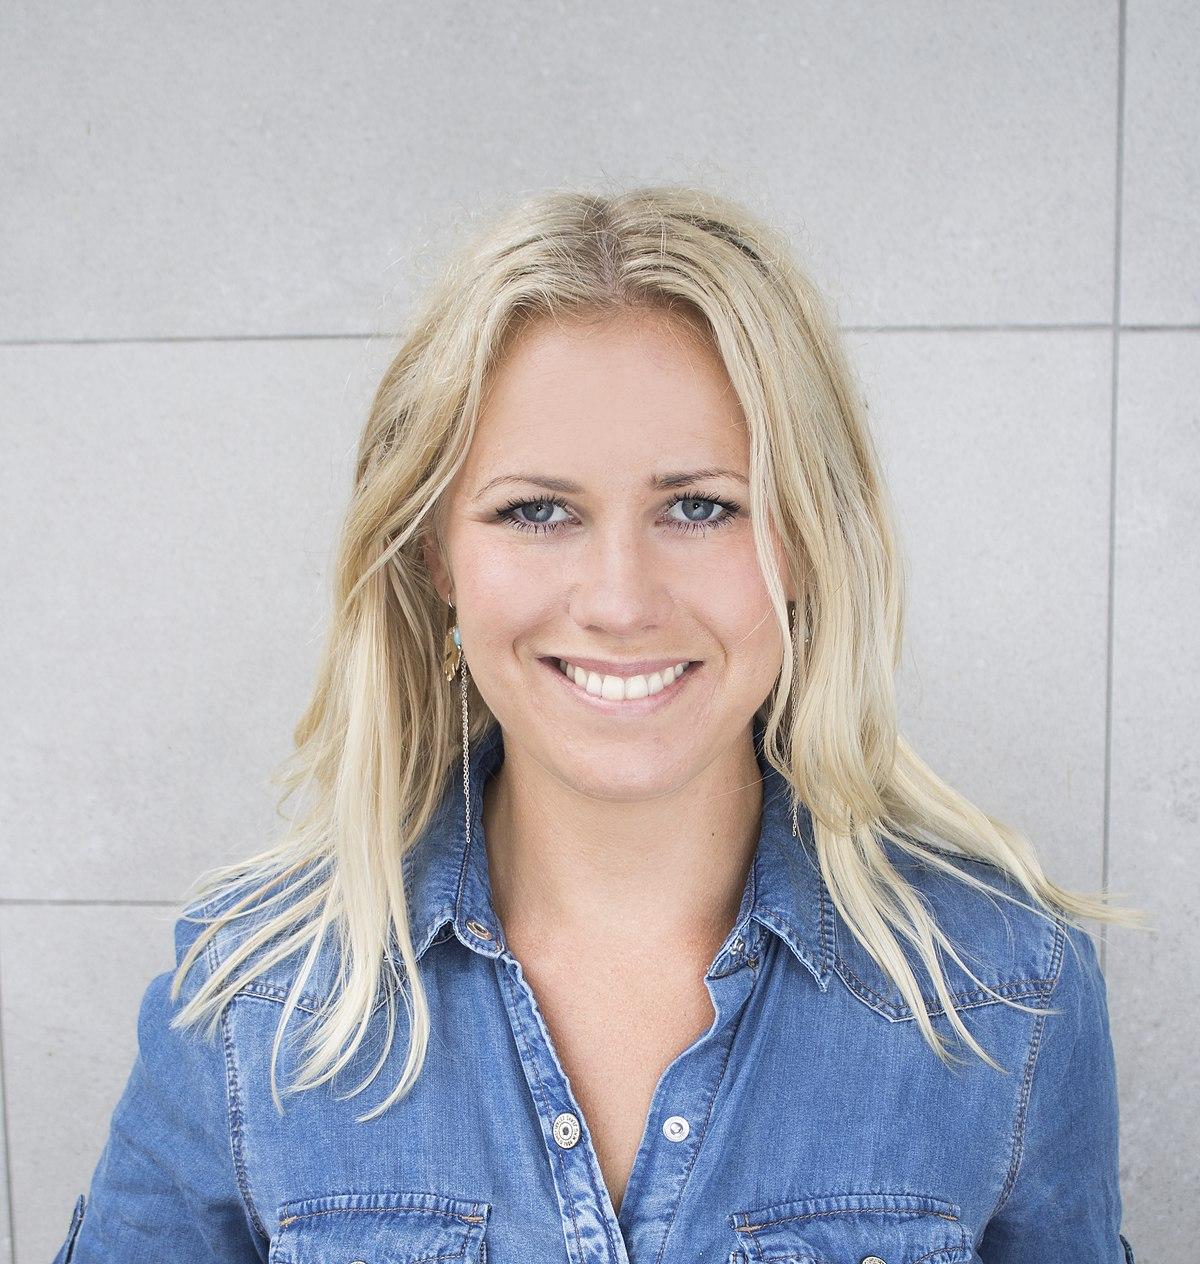 Hannah Svensson